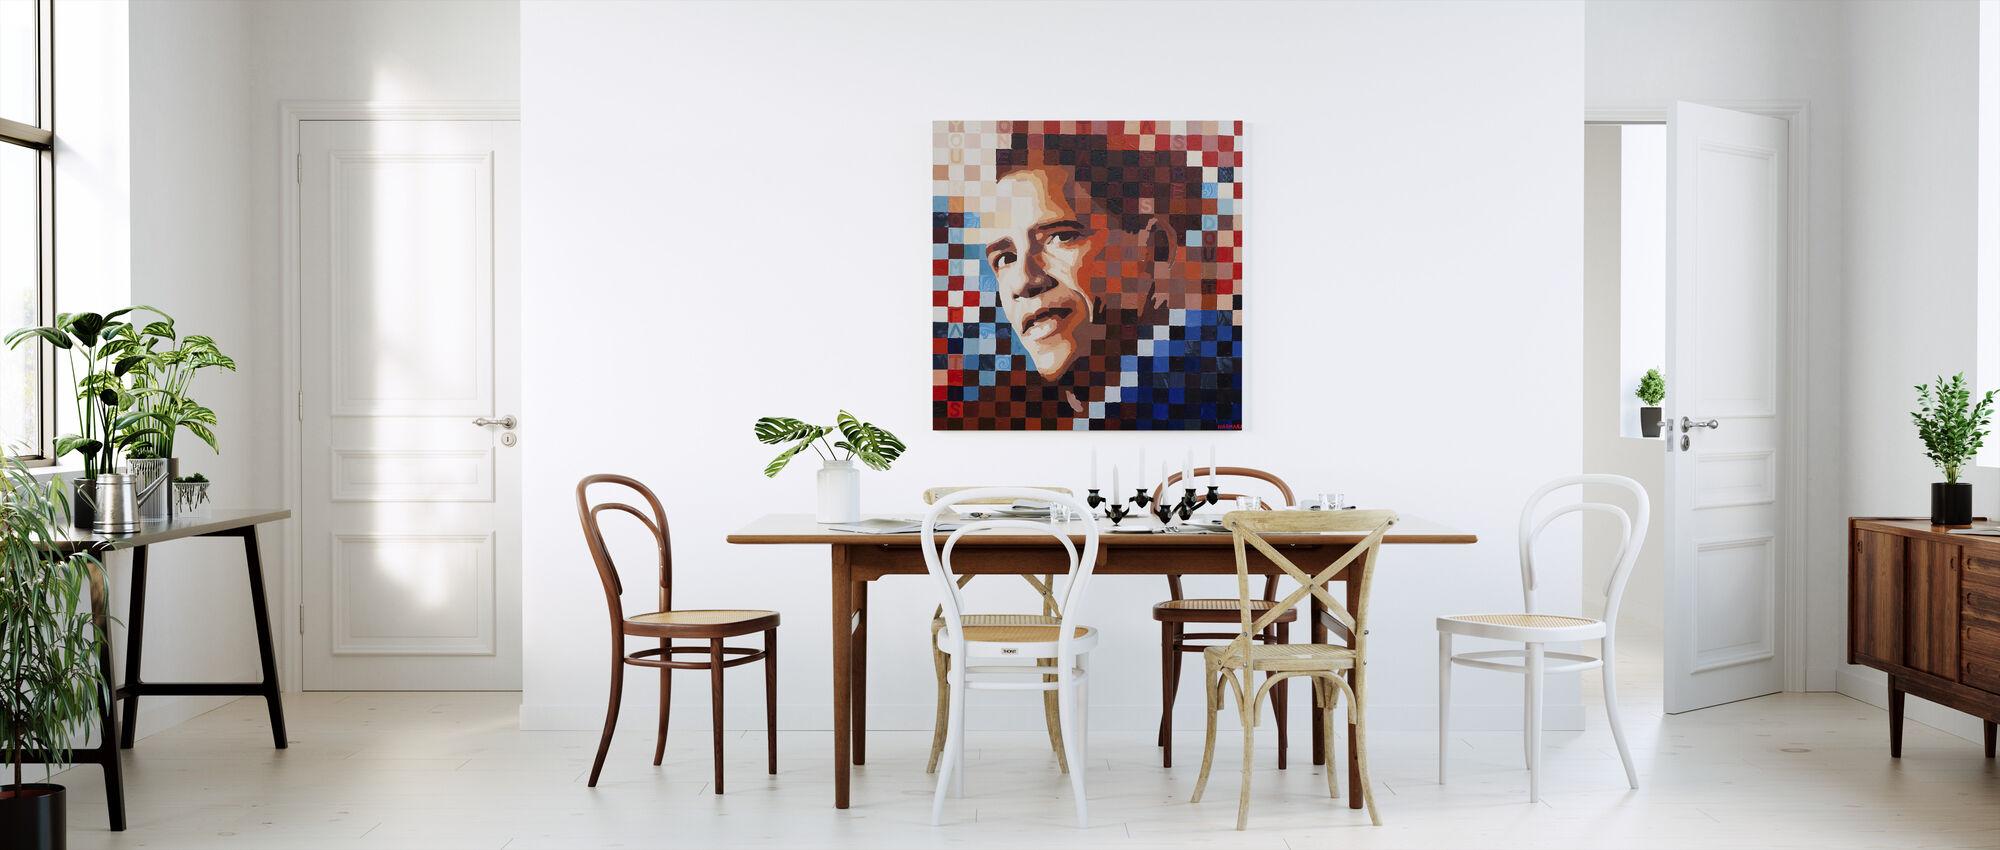 My Faith - Canvas print - Kitchen